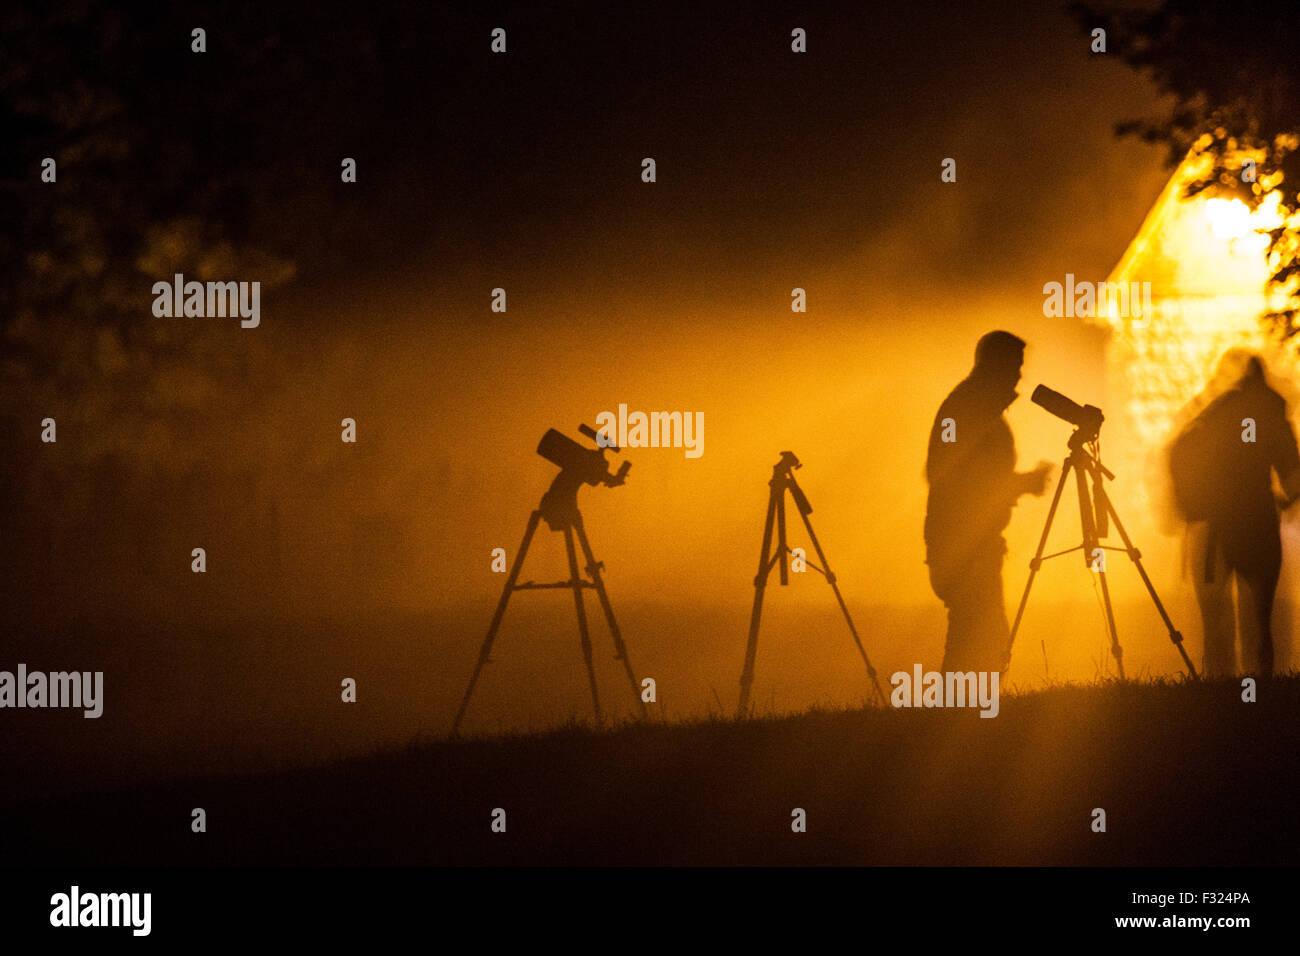 Las siluetas de los fotógrafos y trípodes esperando para fotografiar a la luna de sangre en Avebury. Imagen De Stock